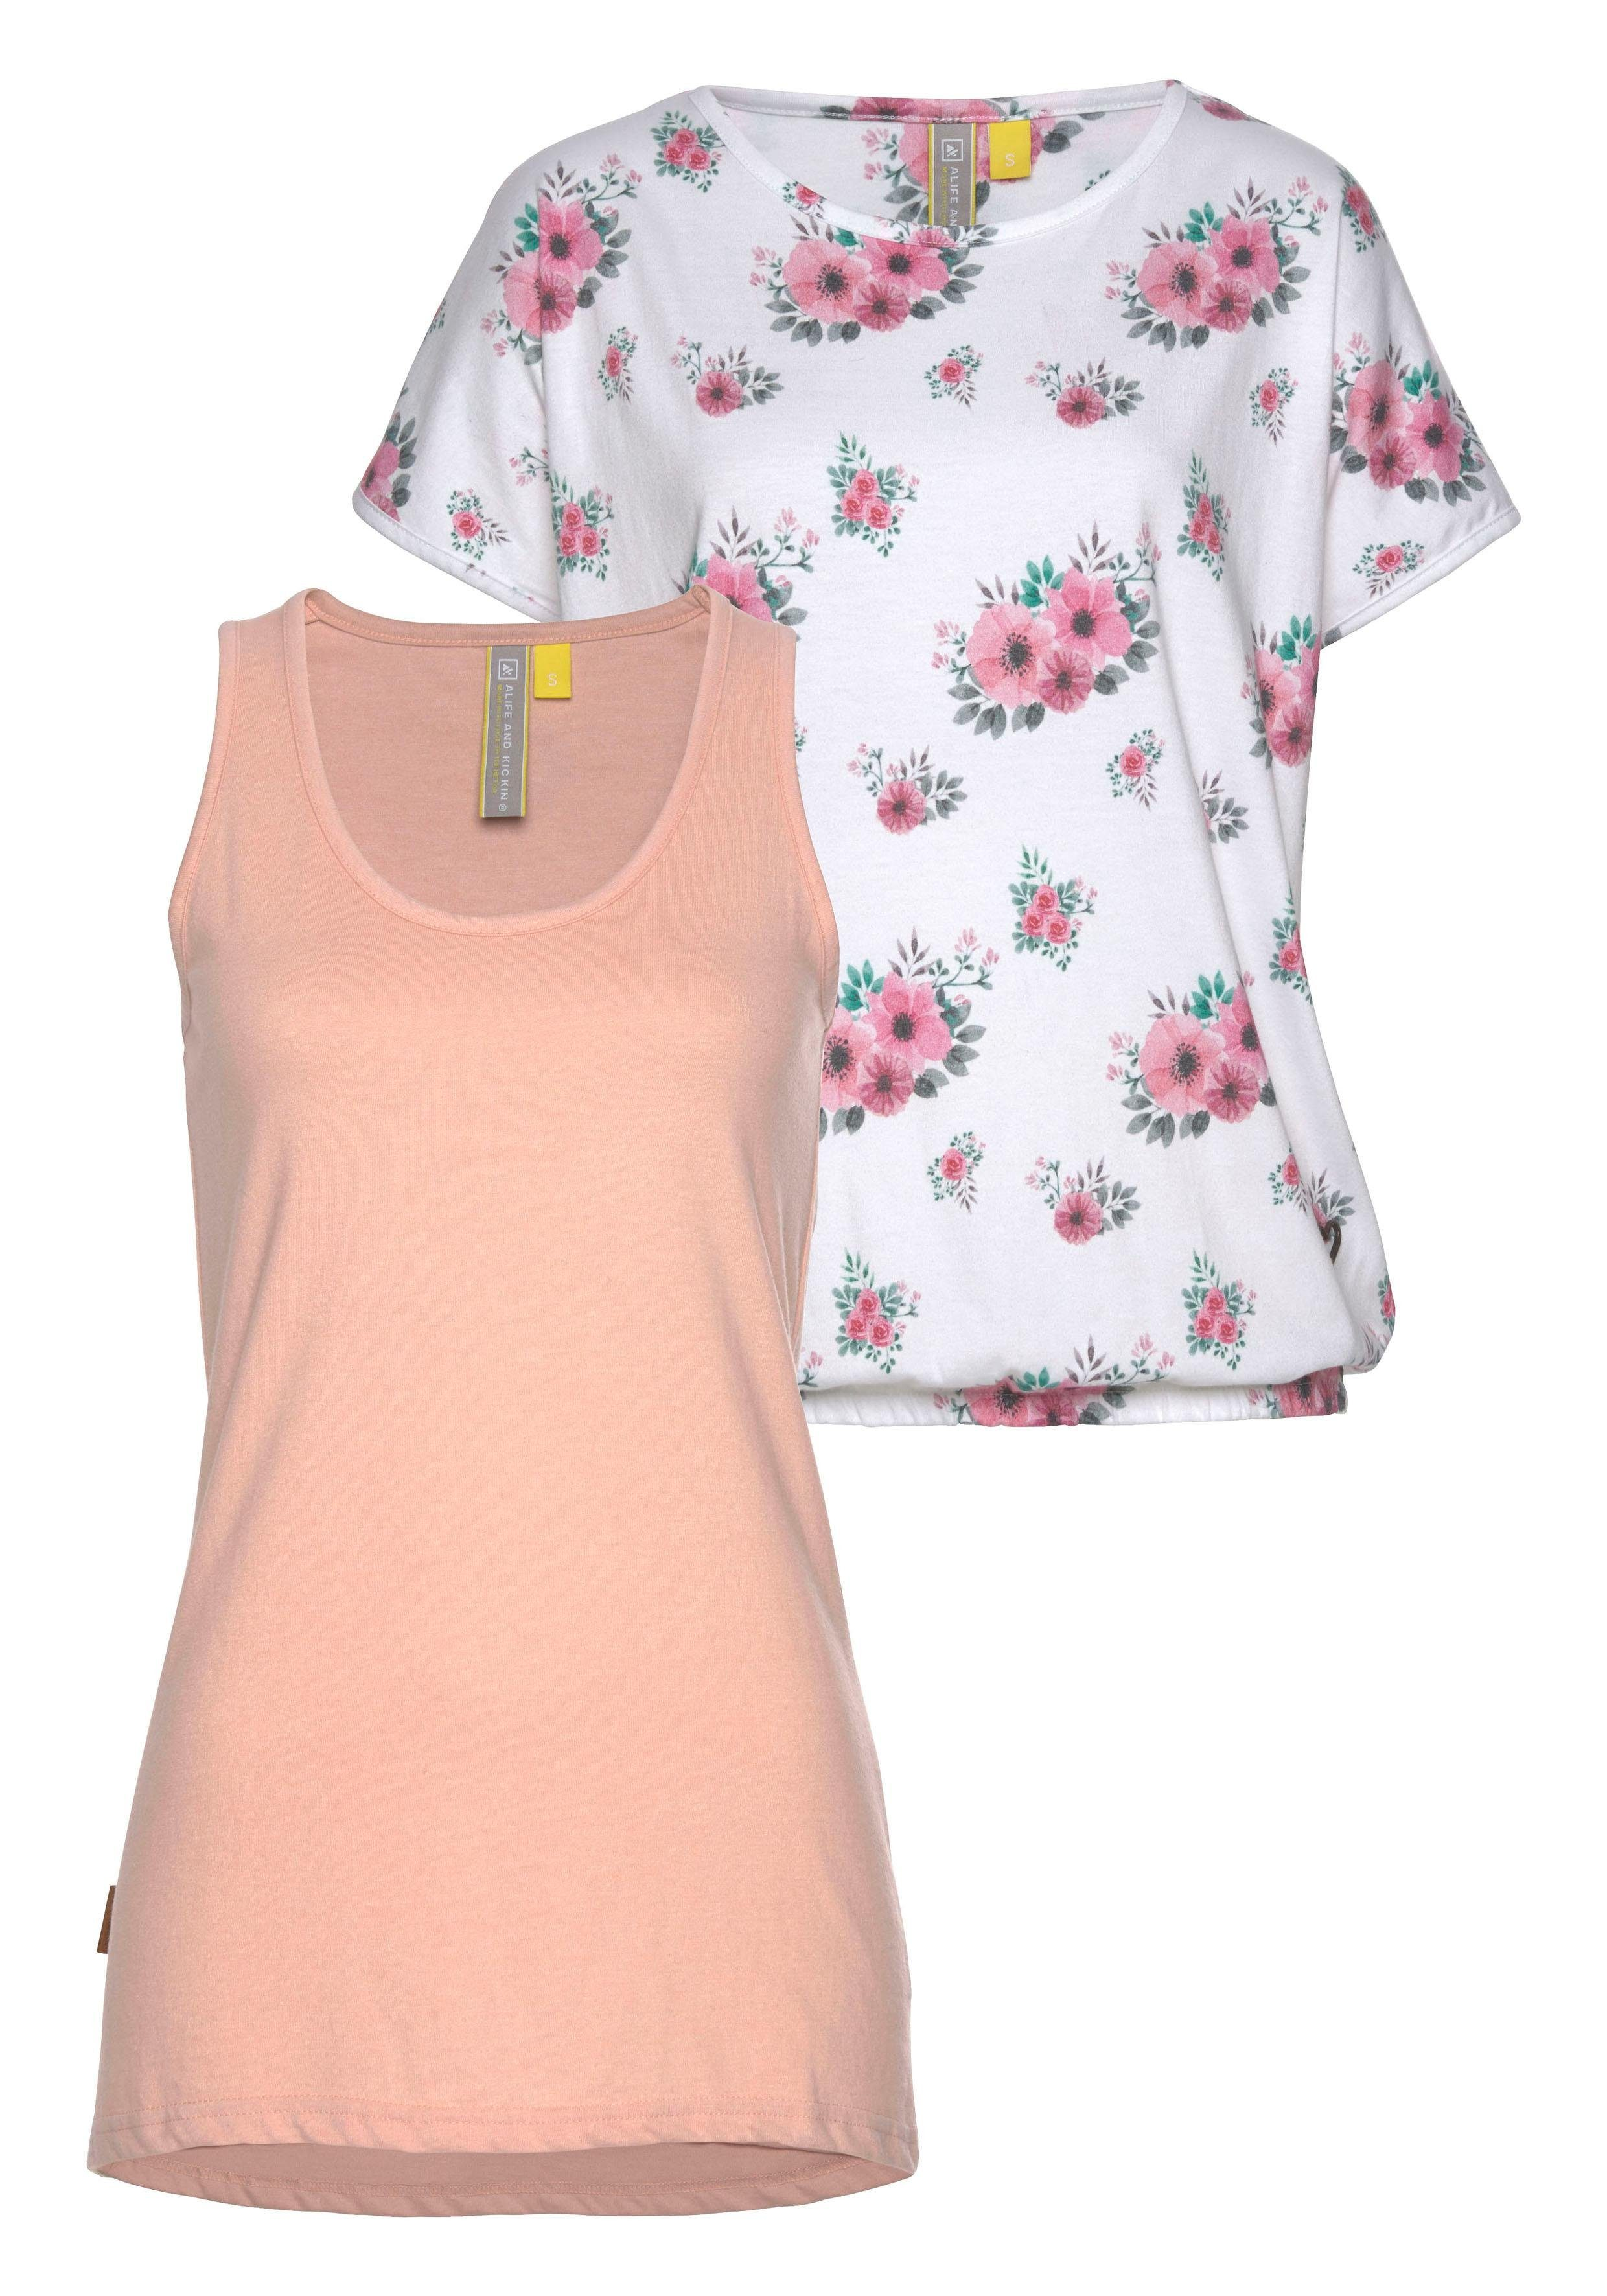 Alife And Kickin 2-in-1-shirt Sunny (set, 2-delig) Snel Online Gekocht - Geweldige Prijs